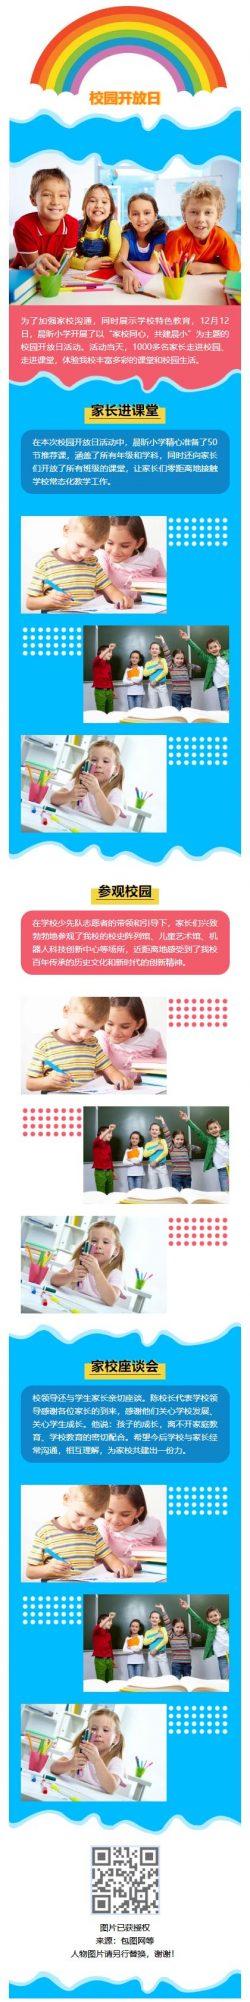 学校特色教育校园开放日活动课堂